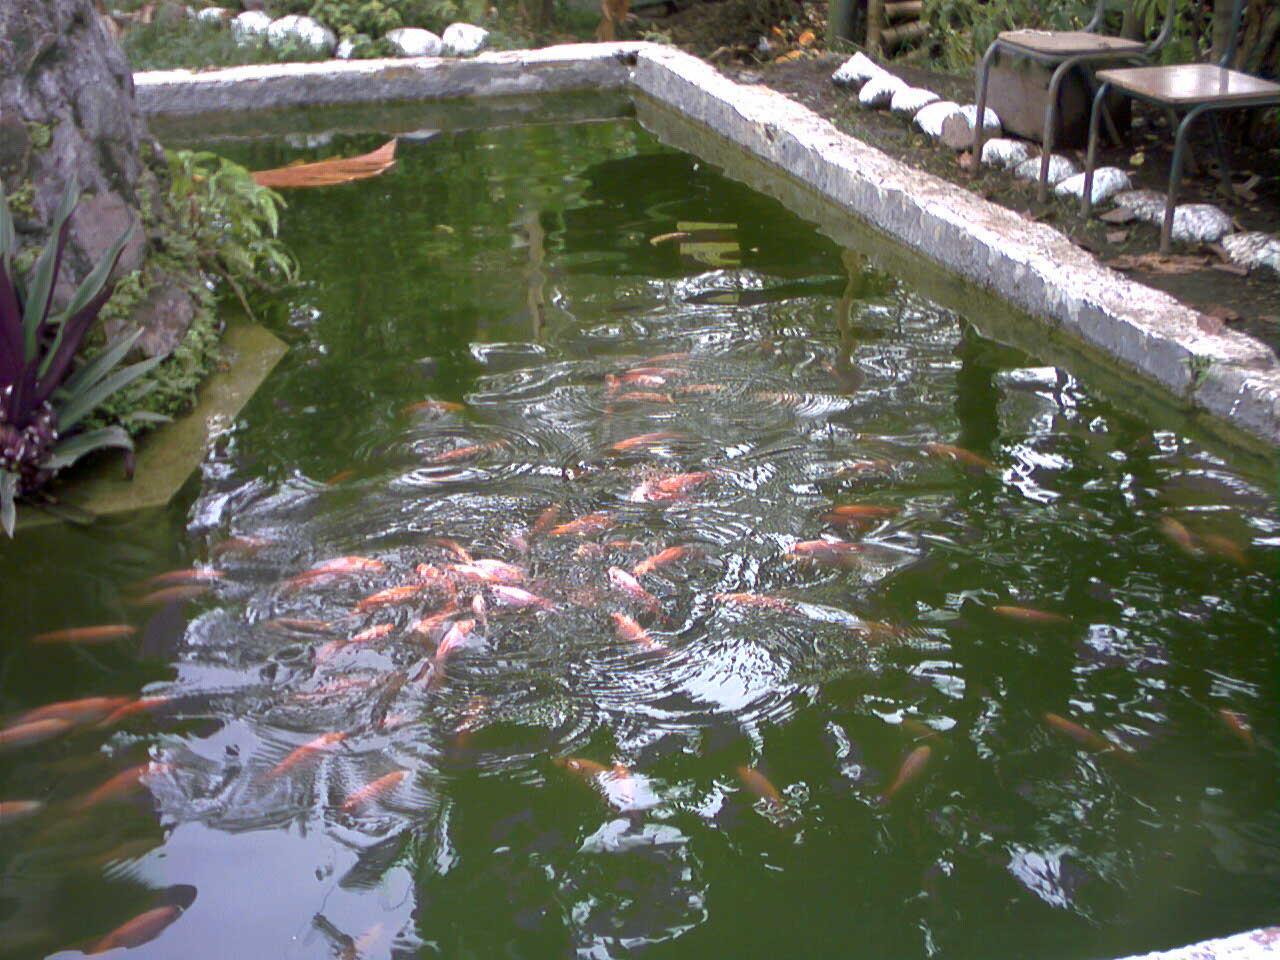 Piscicultura for Elaboracion de estanques para piscicultura